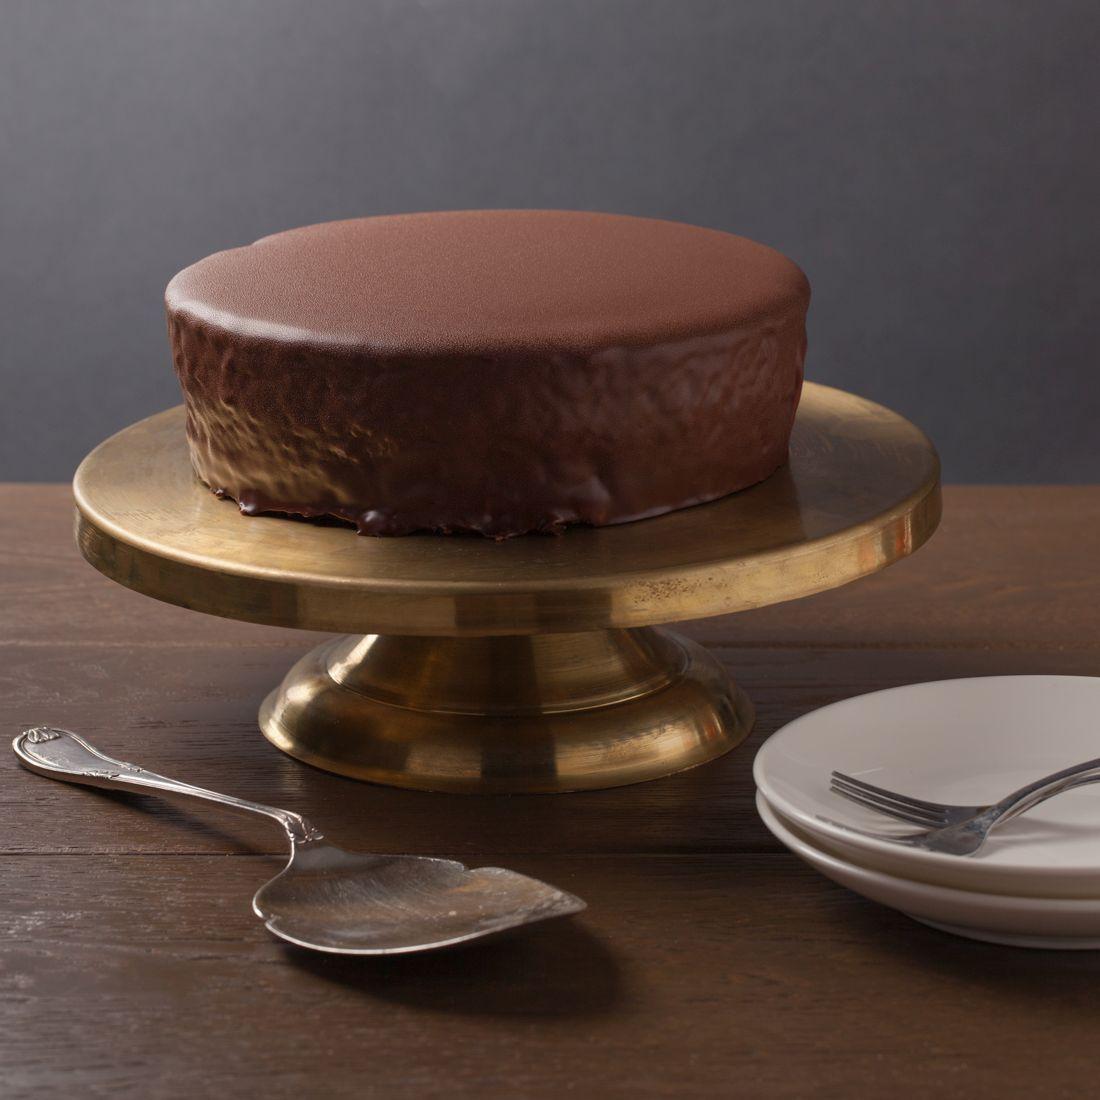 עוגת שוקולד של הבייקרי, 100% שוקולד וולרונה בציפוי גנאש